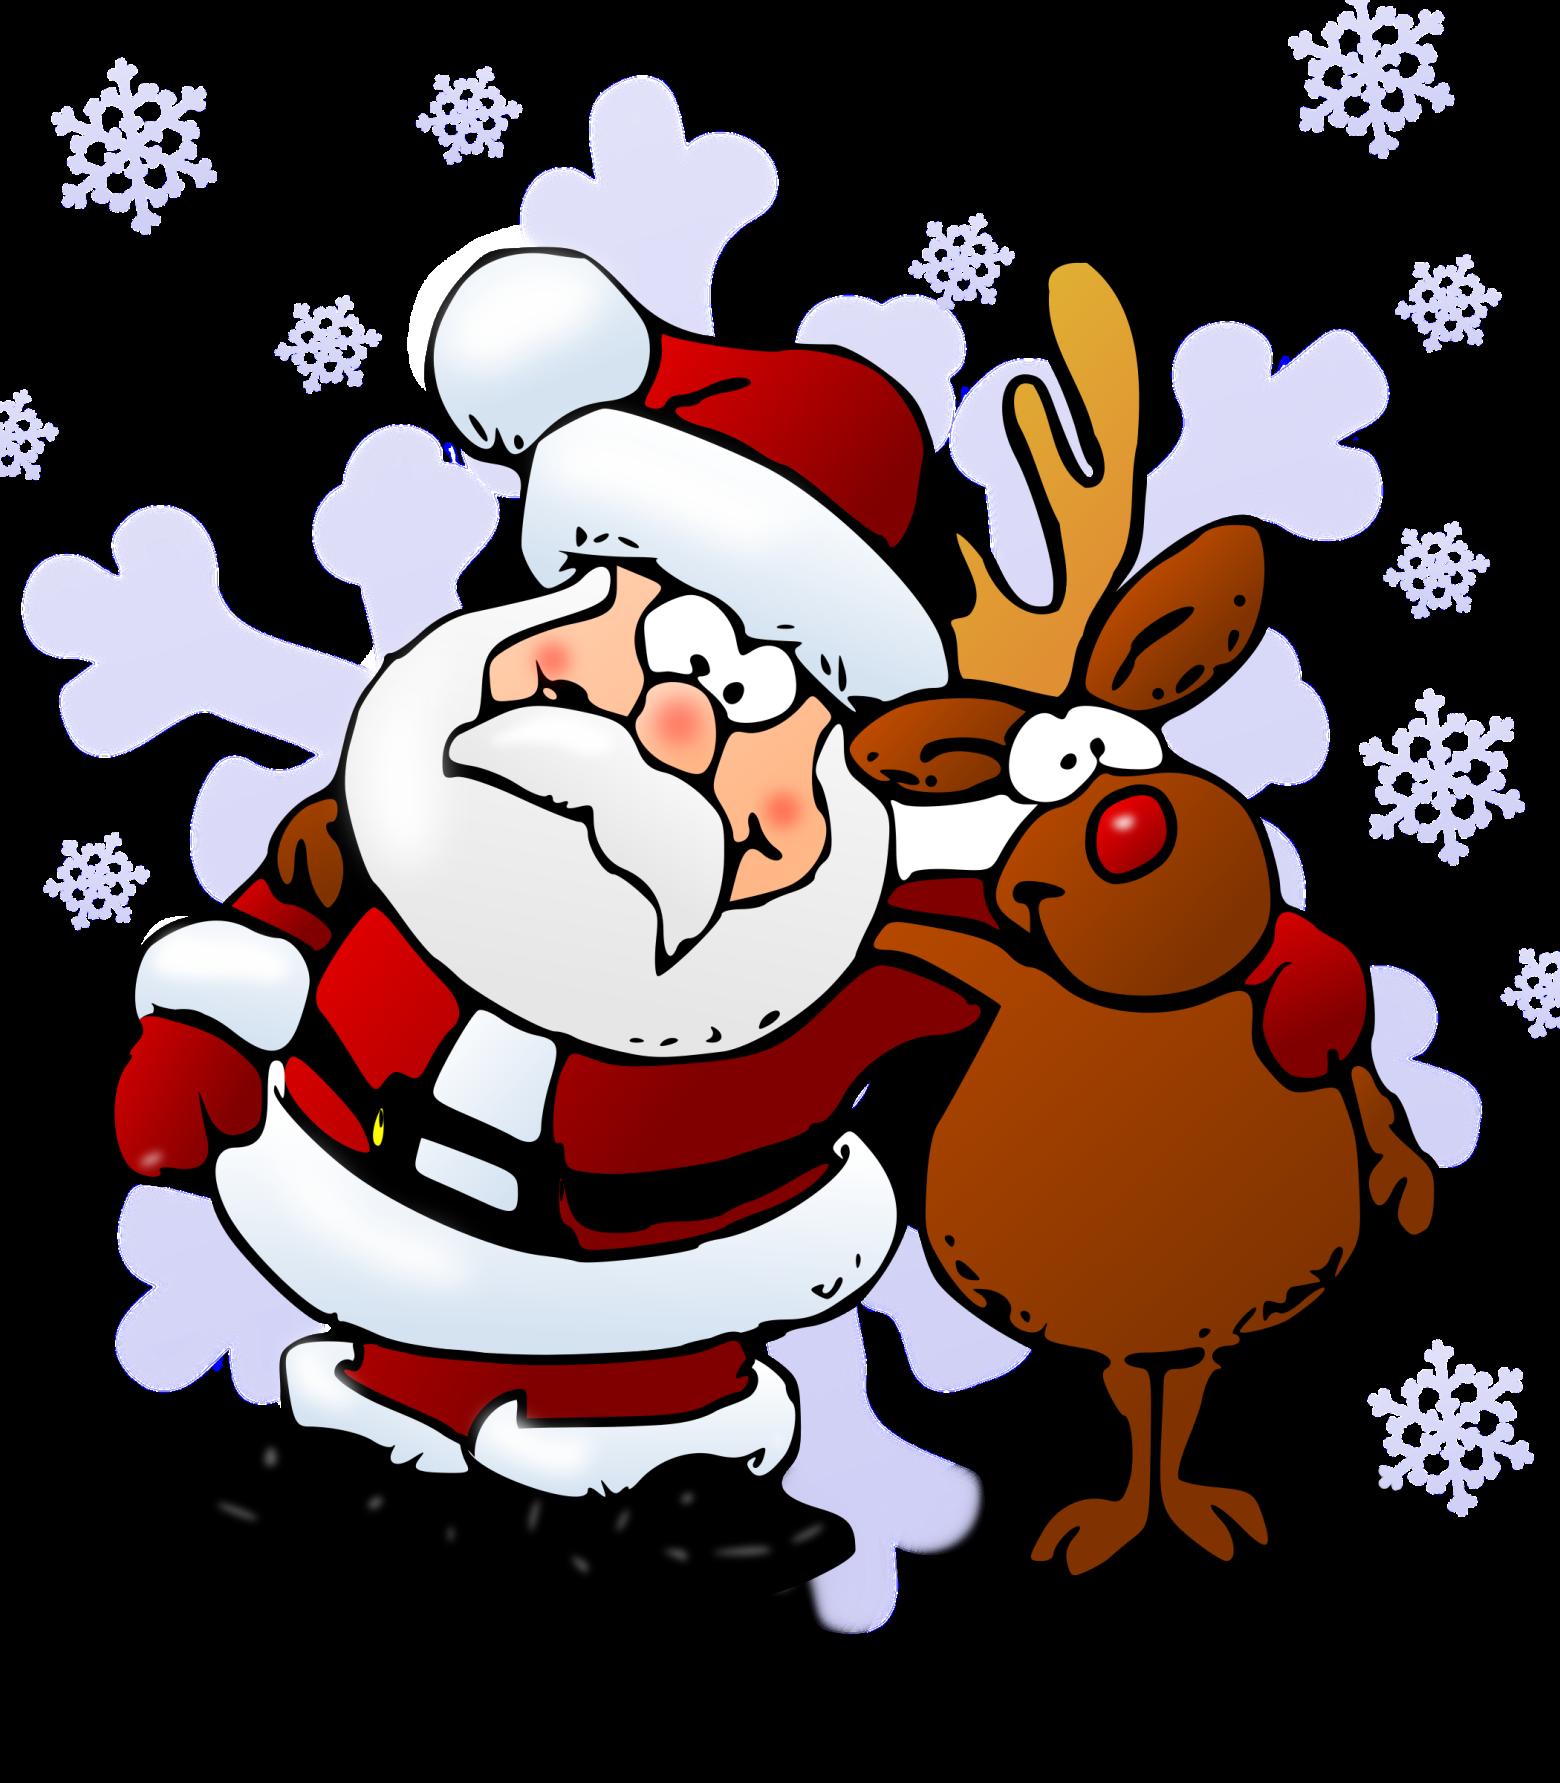 Clipart noel images gratuites et libres de droits - Noel dessin couleur ...